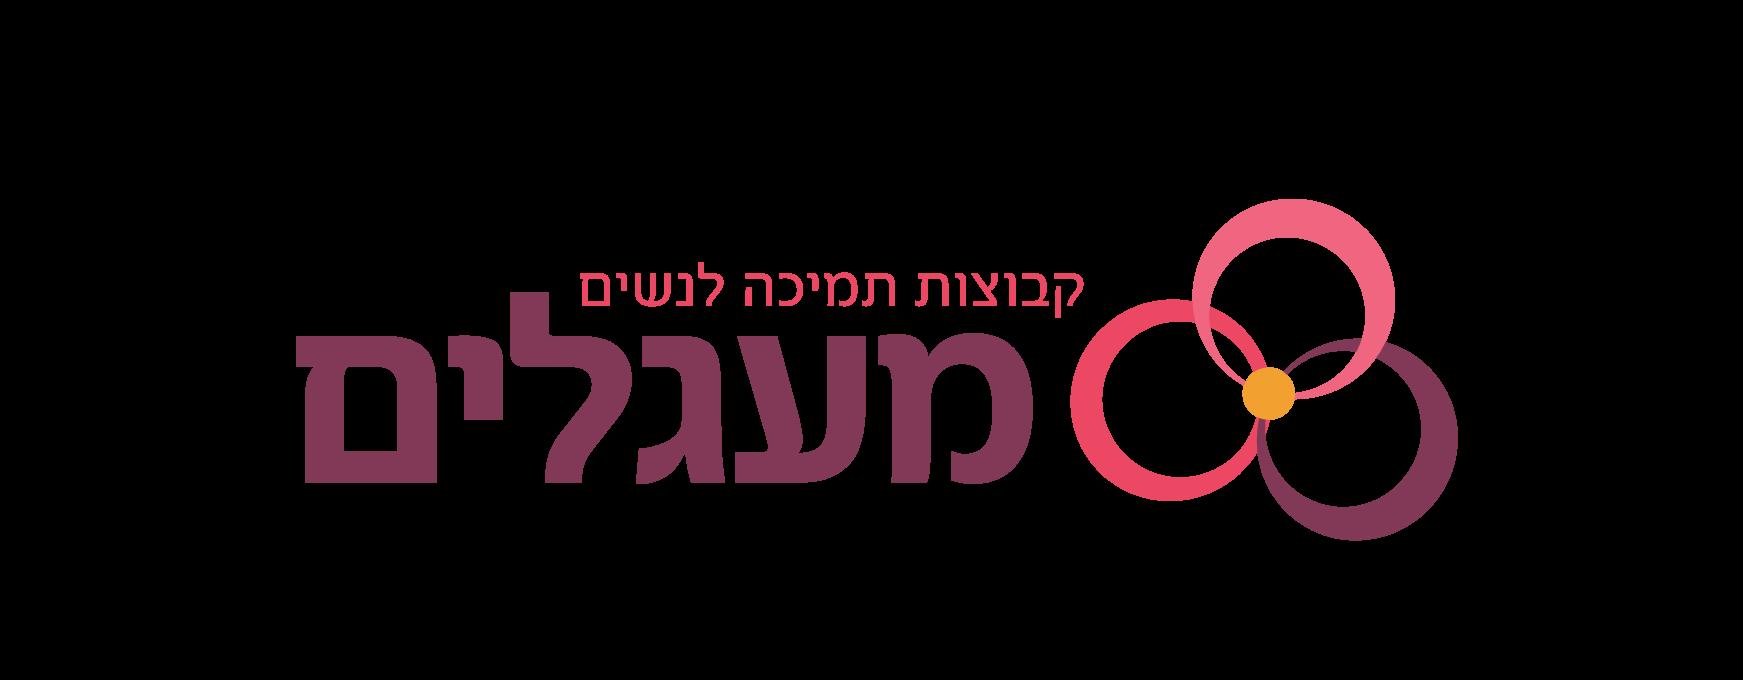 מעגלים - קבוצות תמיכה לנשים